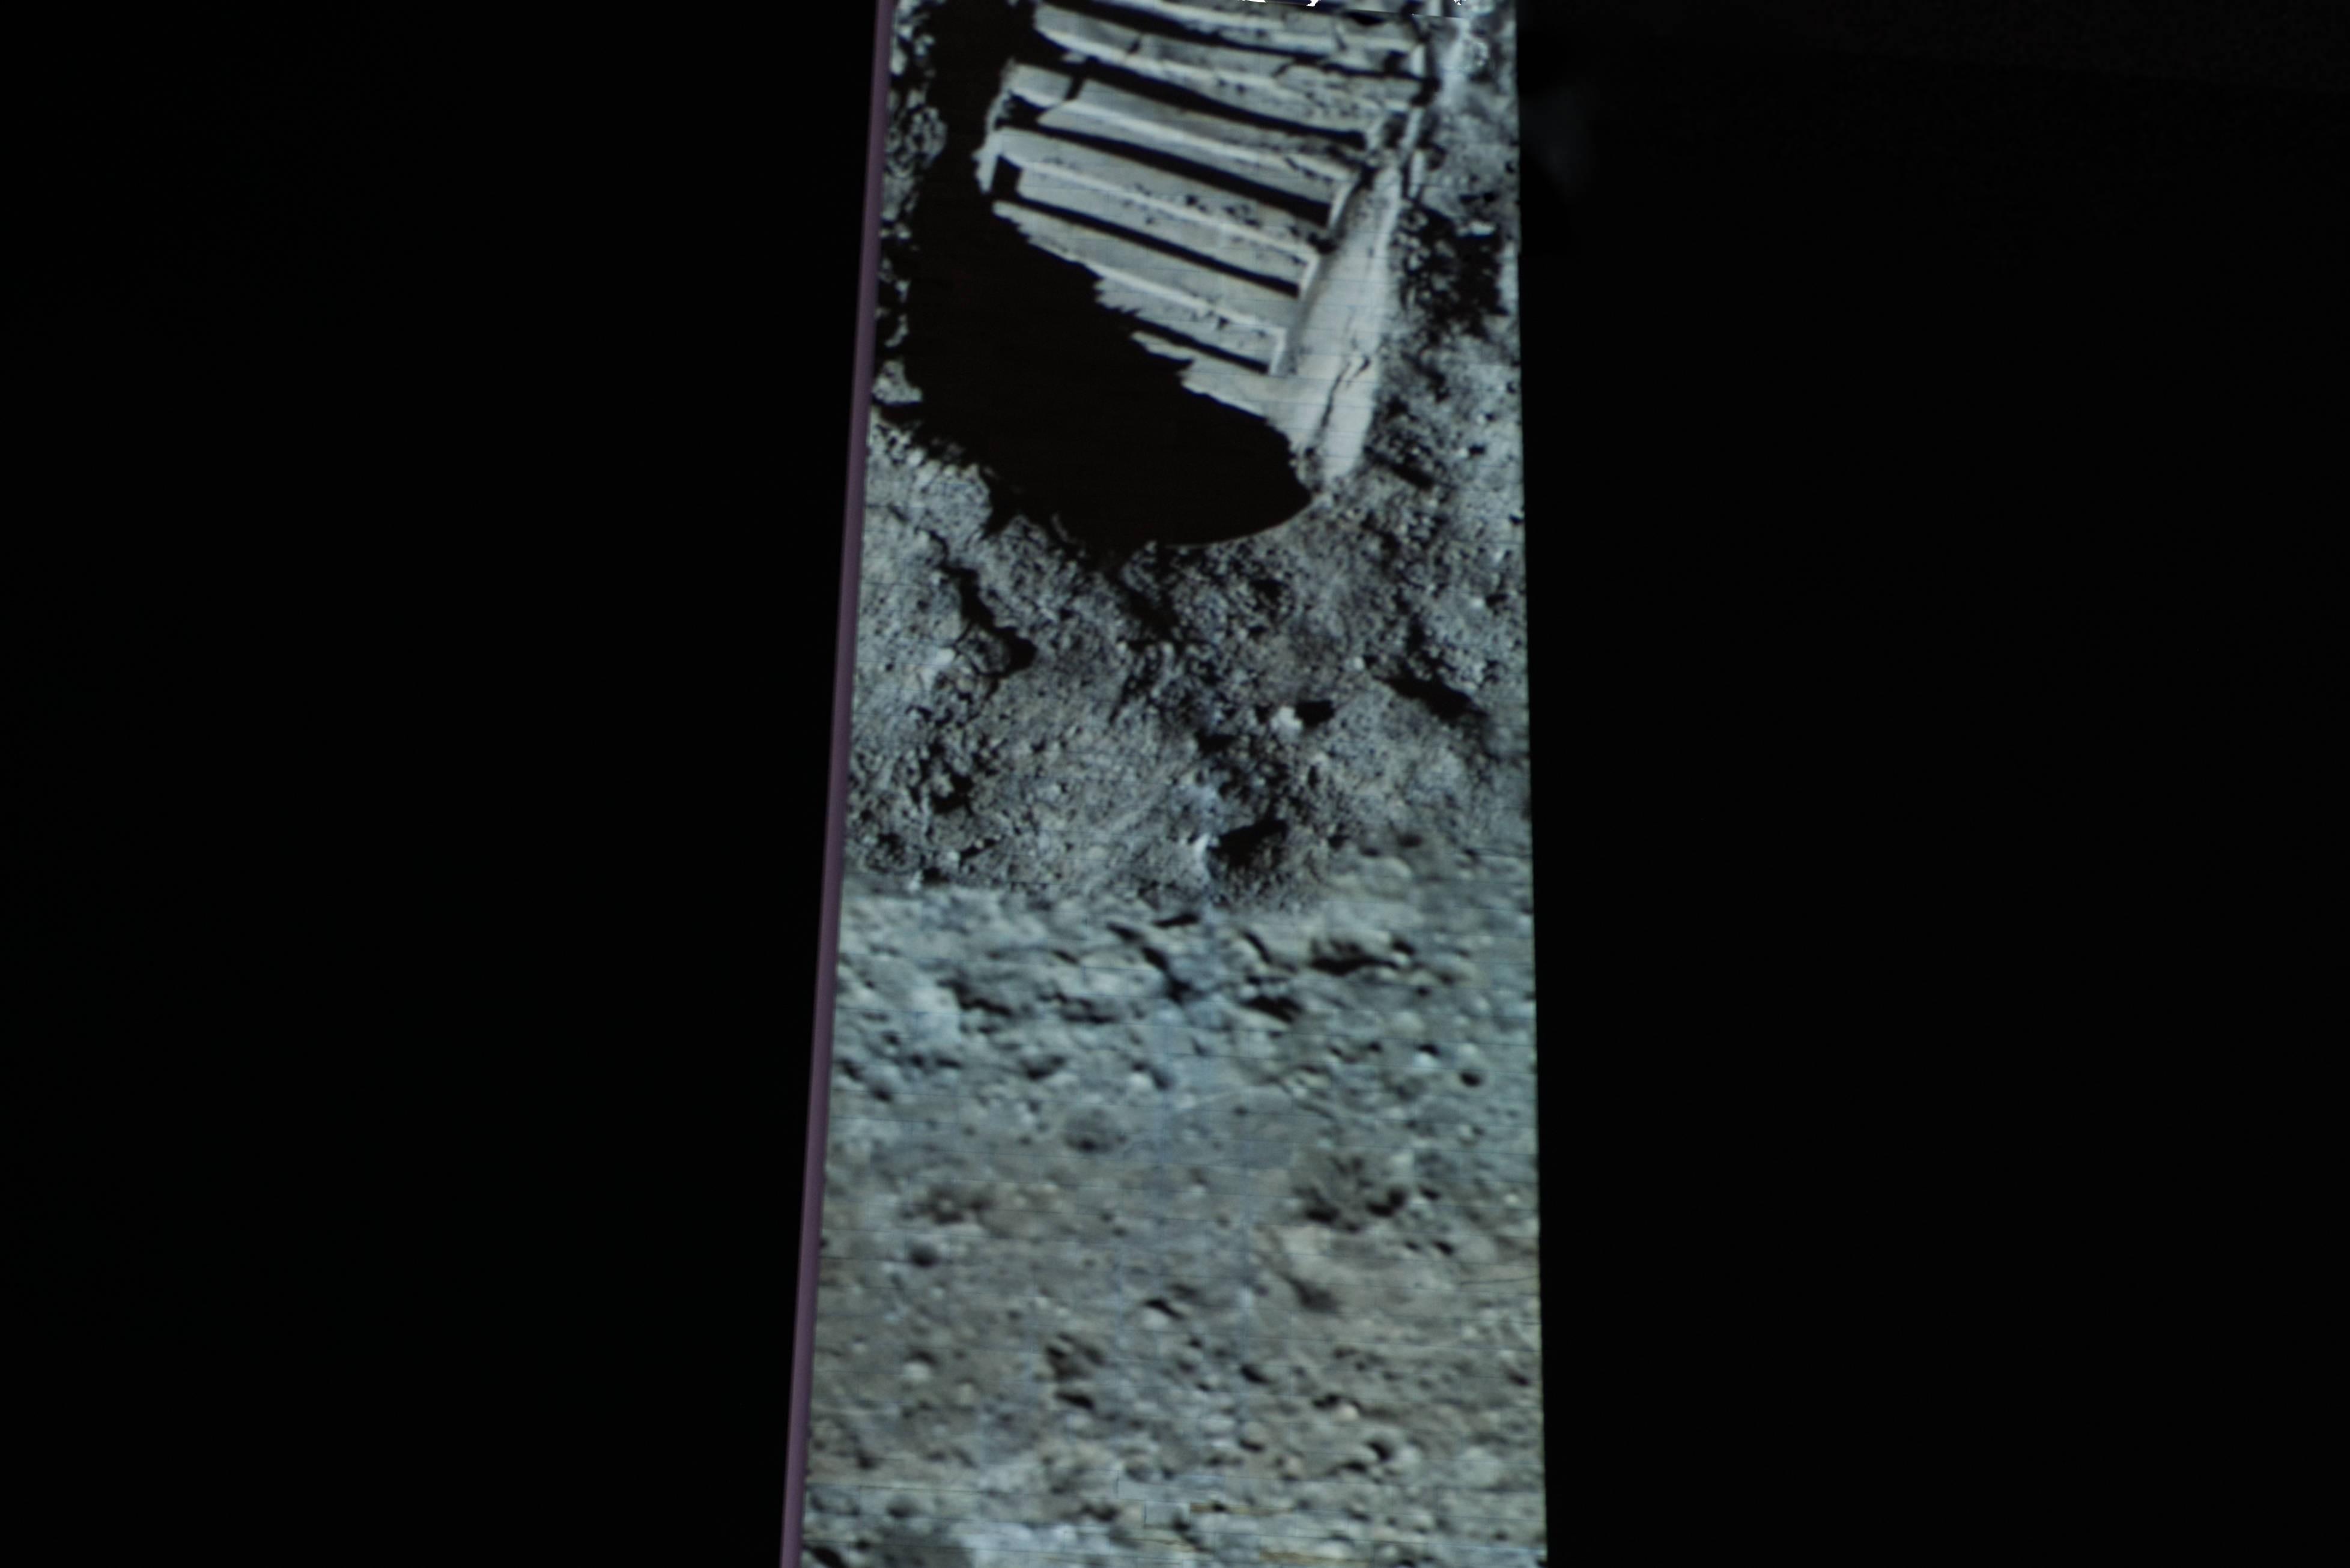 Footprint-1.jpg